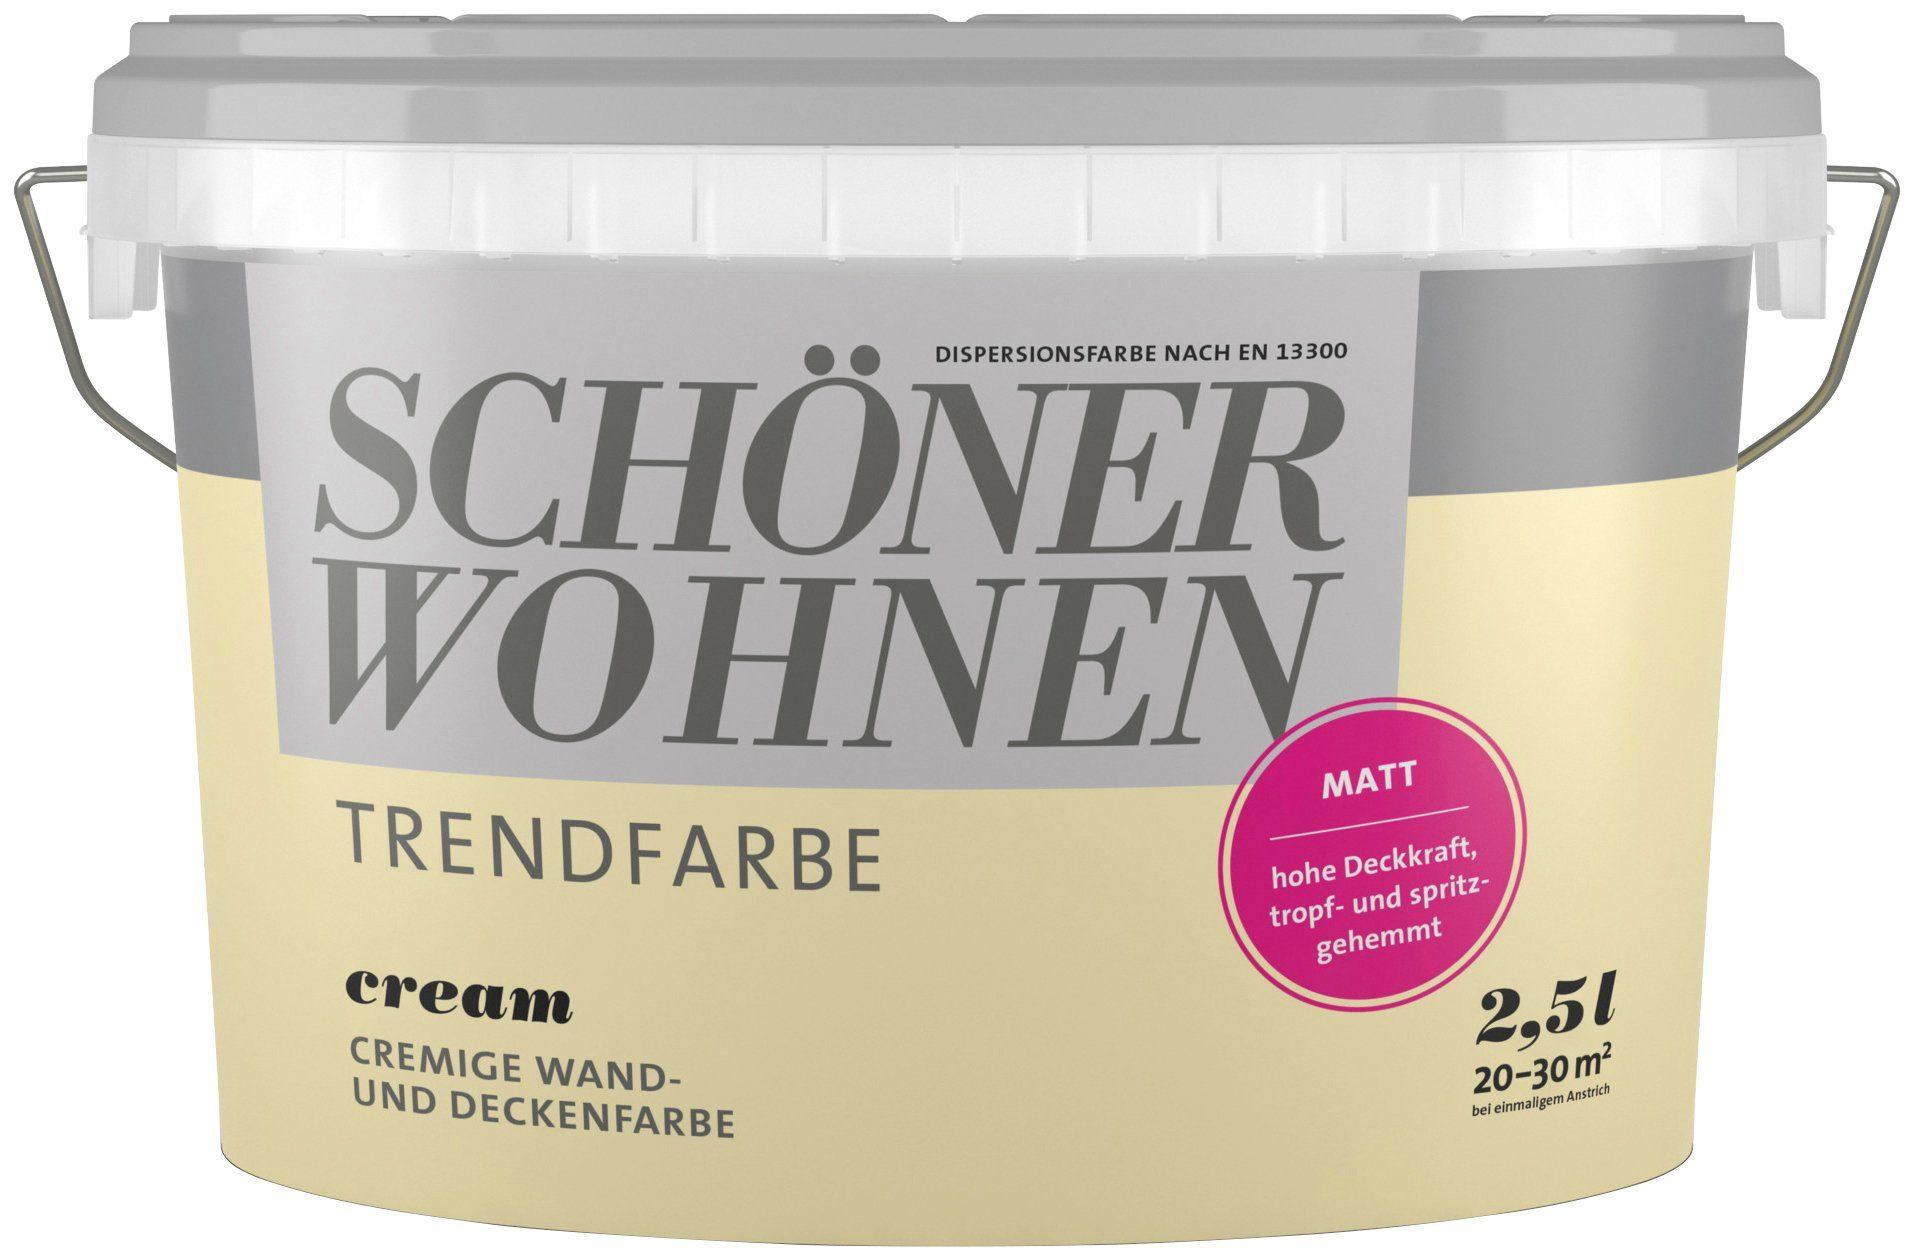 SCHÖNER WOHNEN FARBE Wand- und Deckenfarbe »Trendfarbe Cream, matt«, 2,5 l